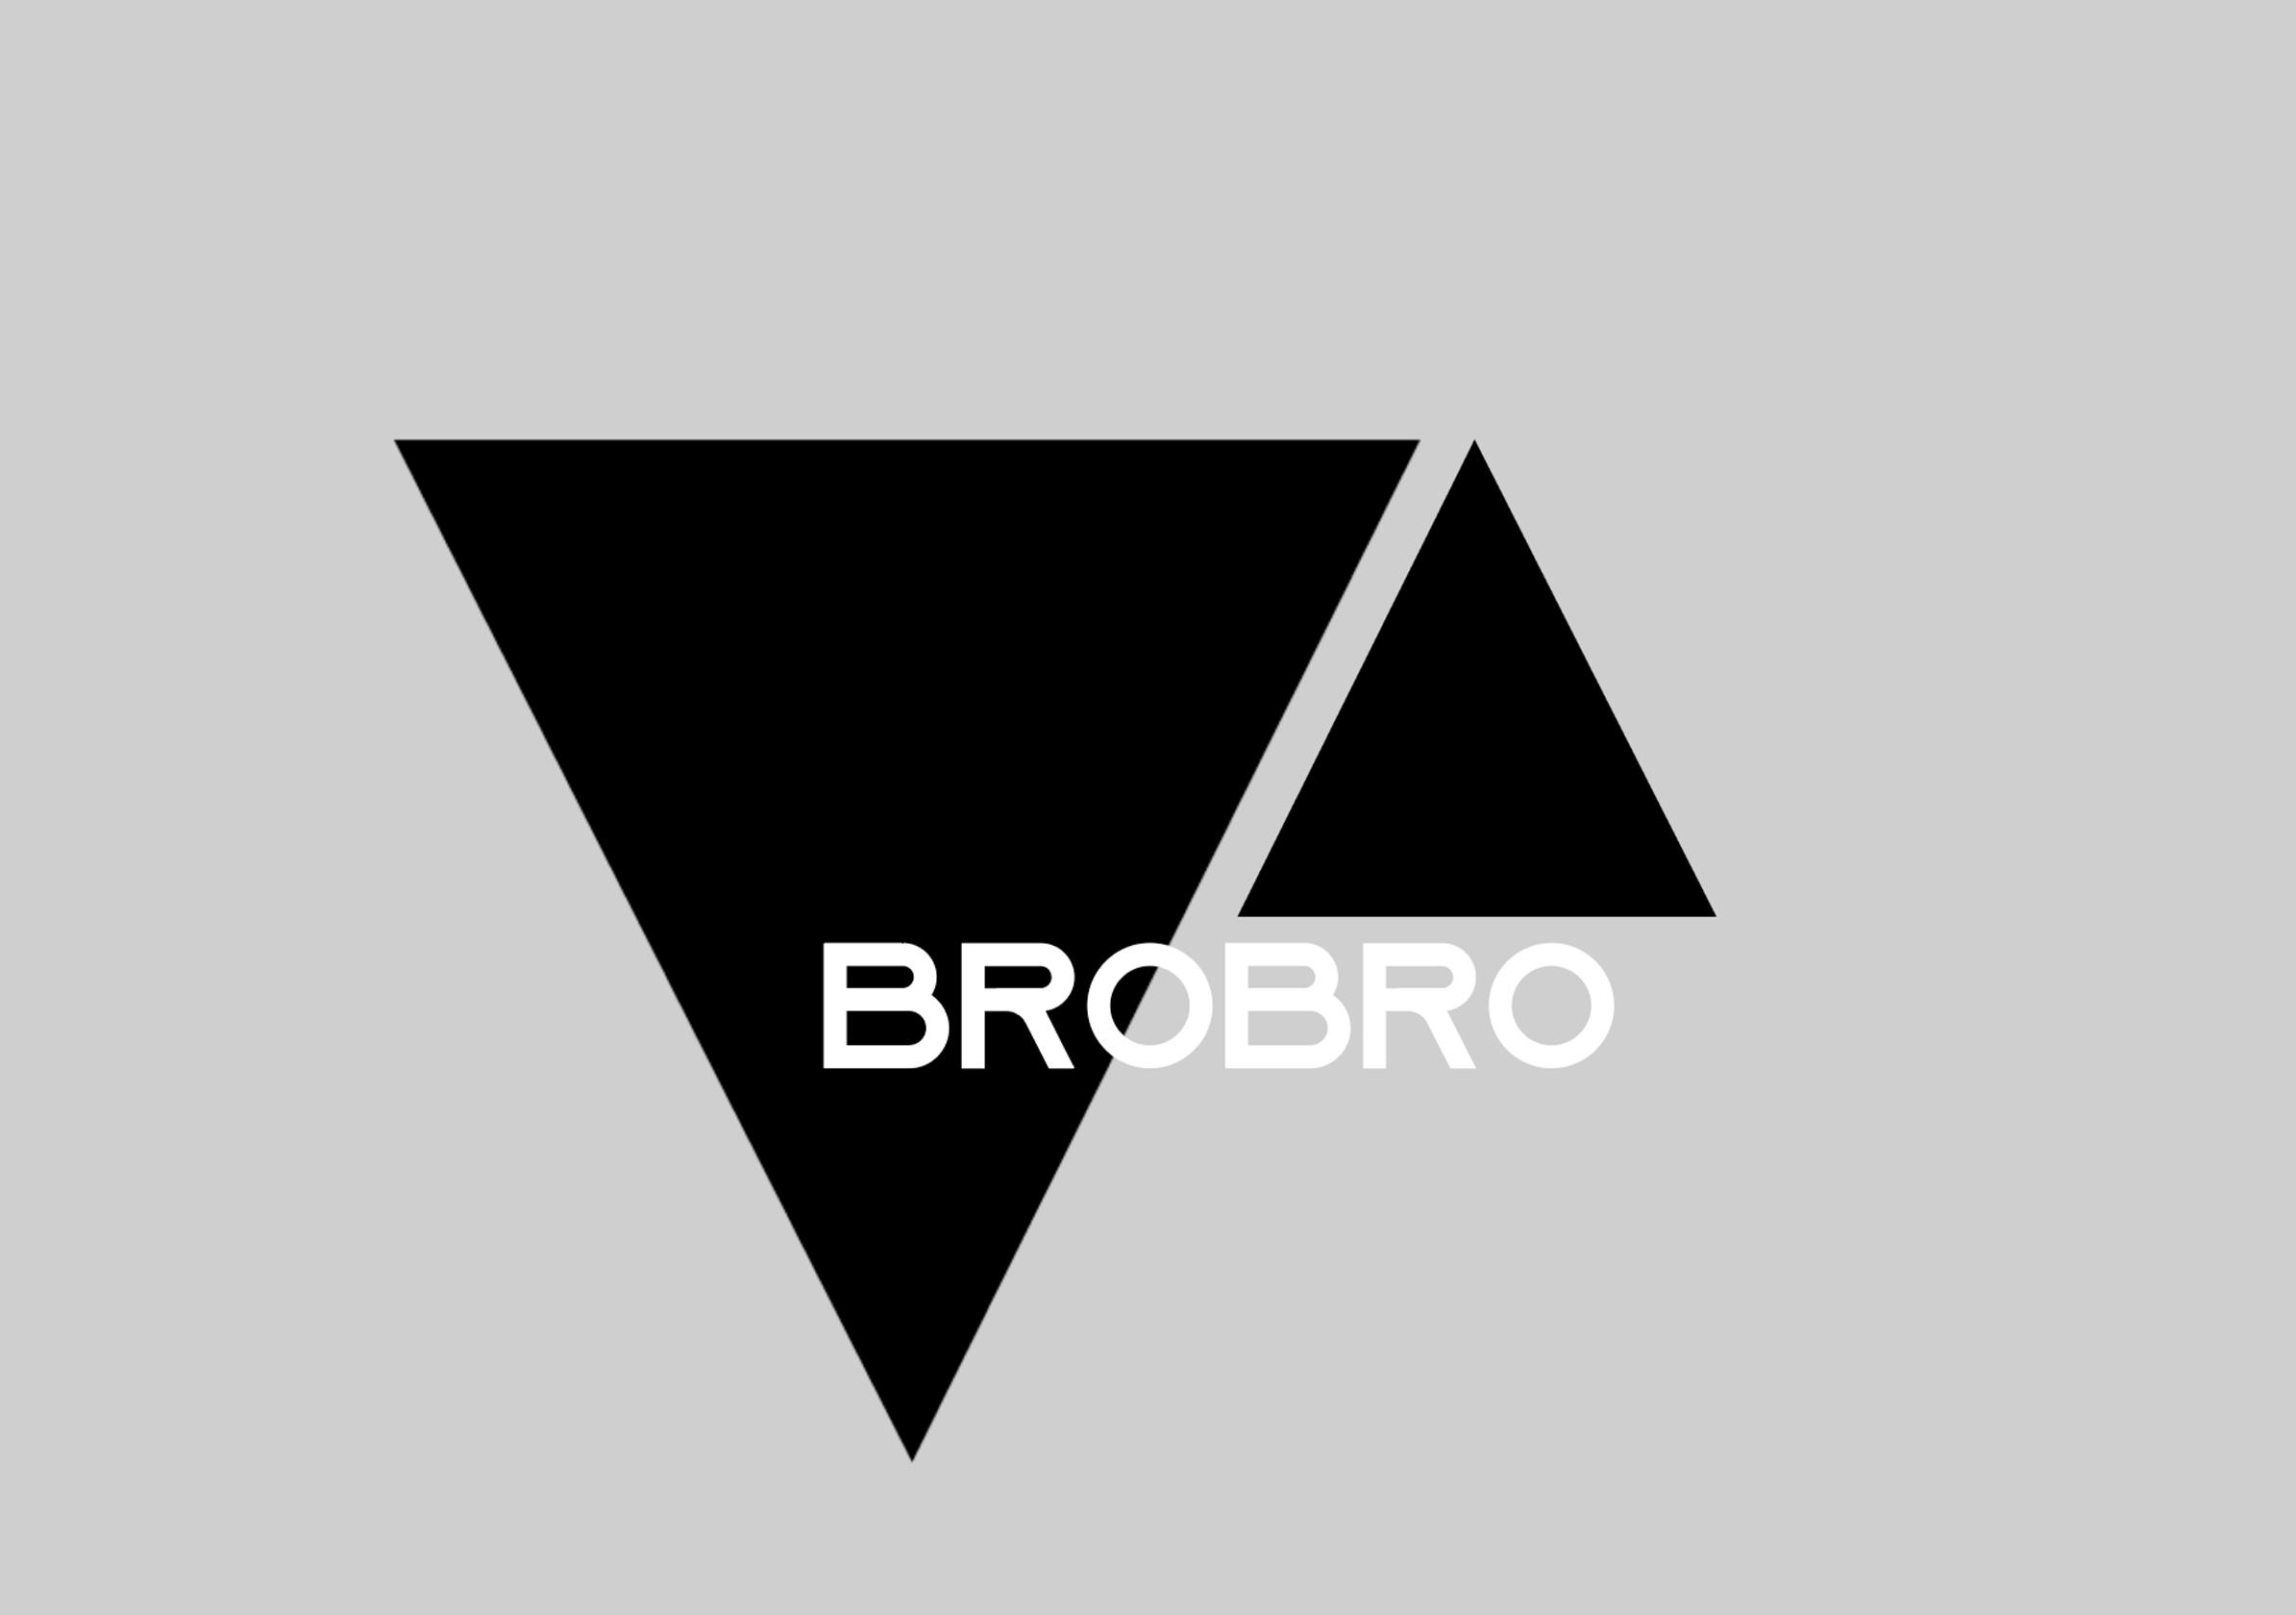 Wort-/Bildmarke: BROBRO